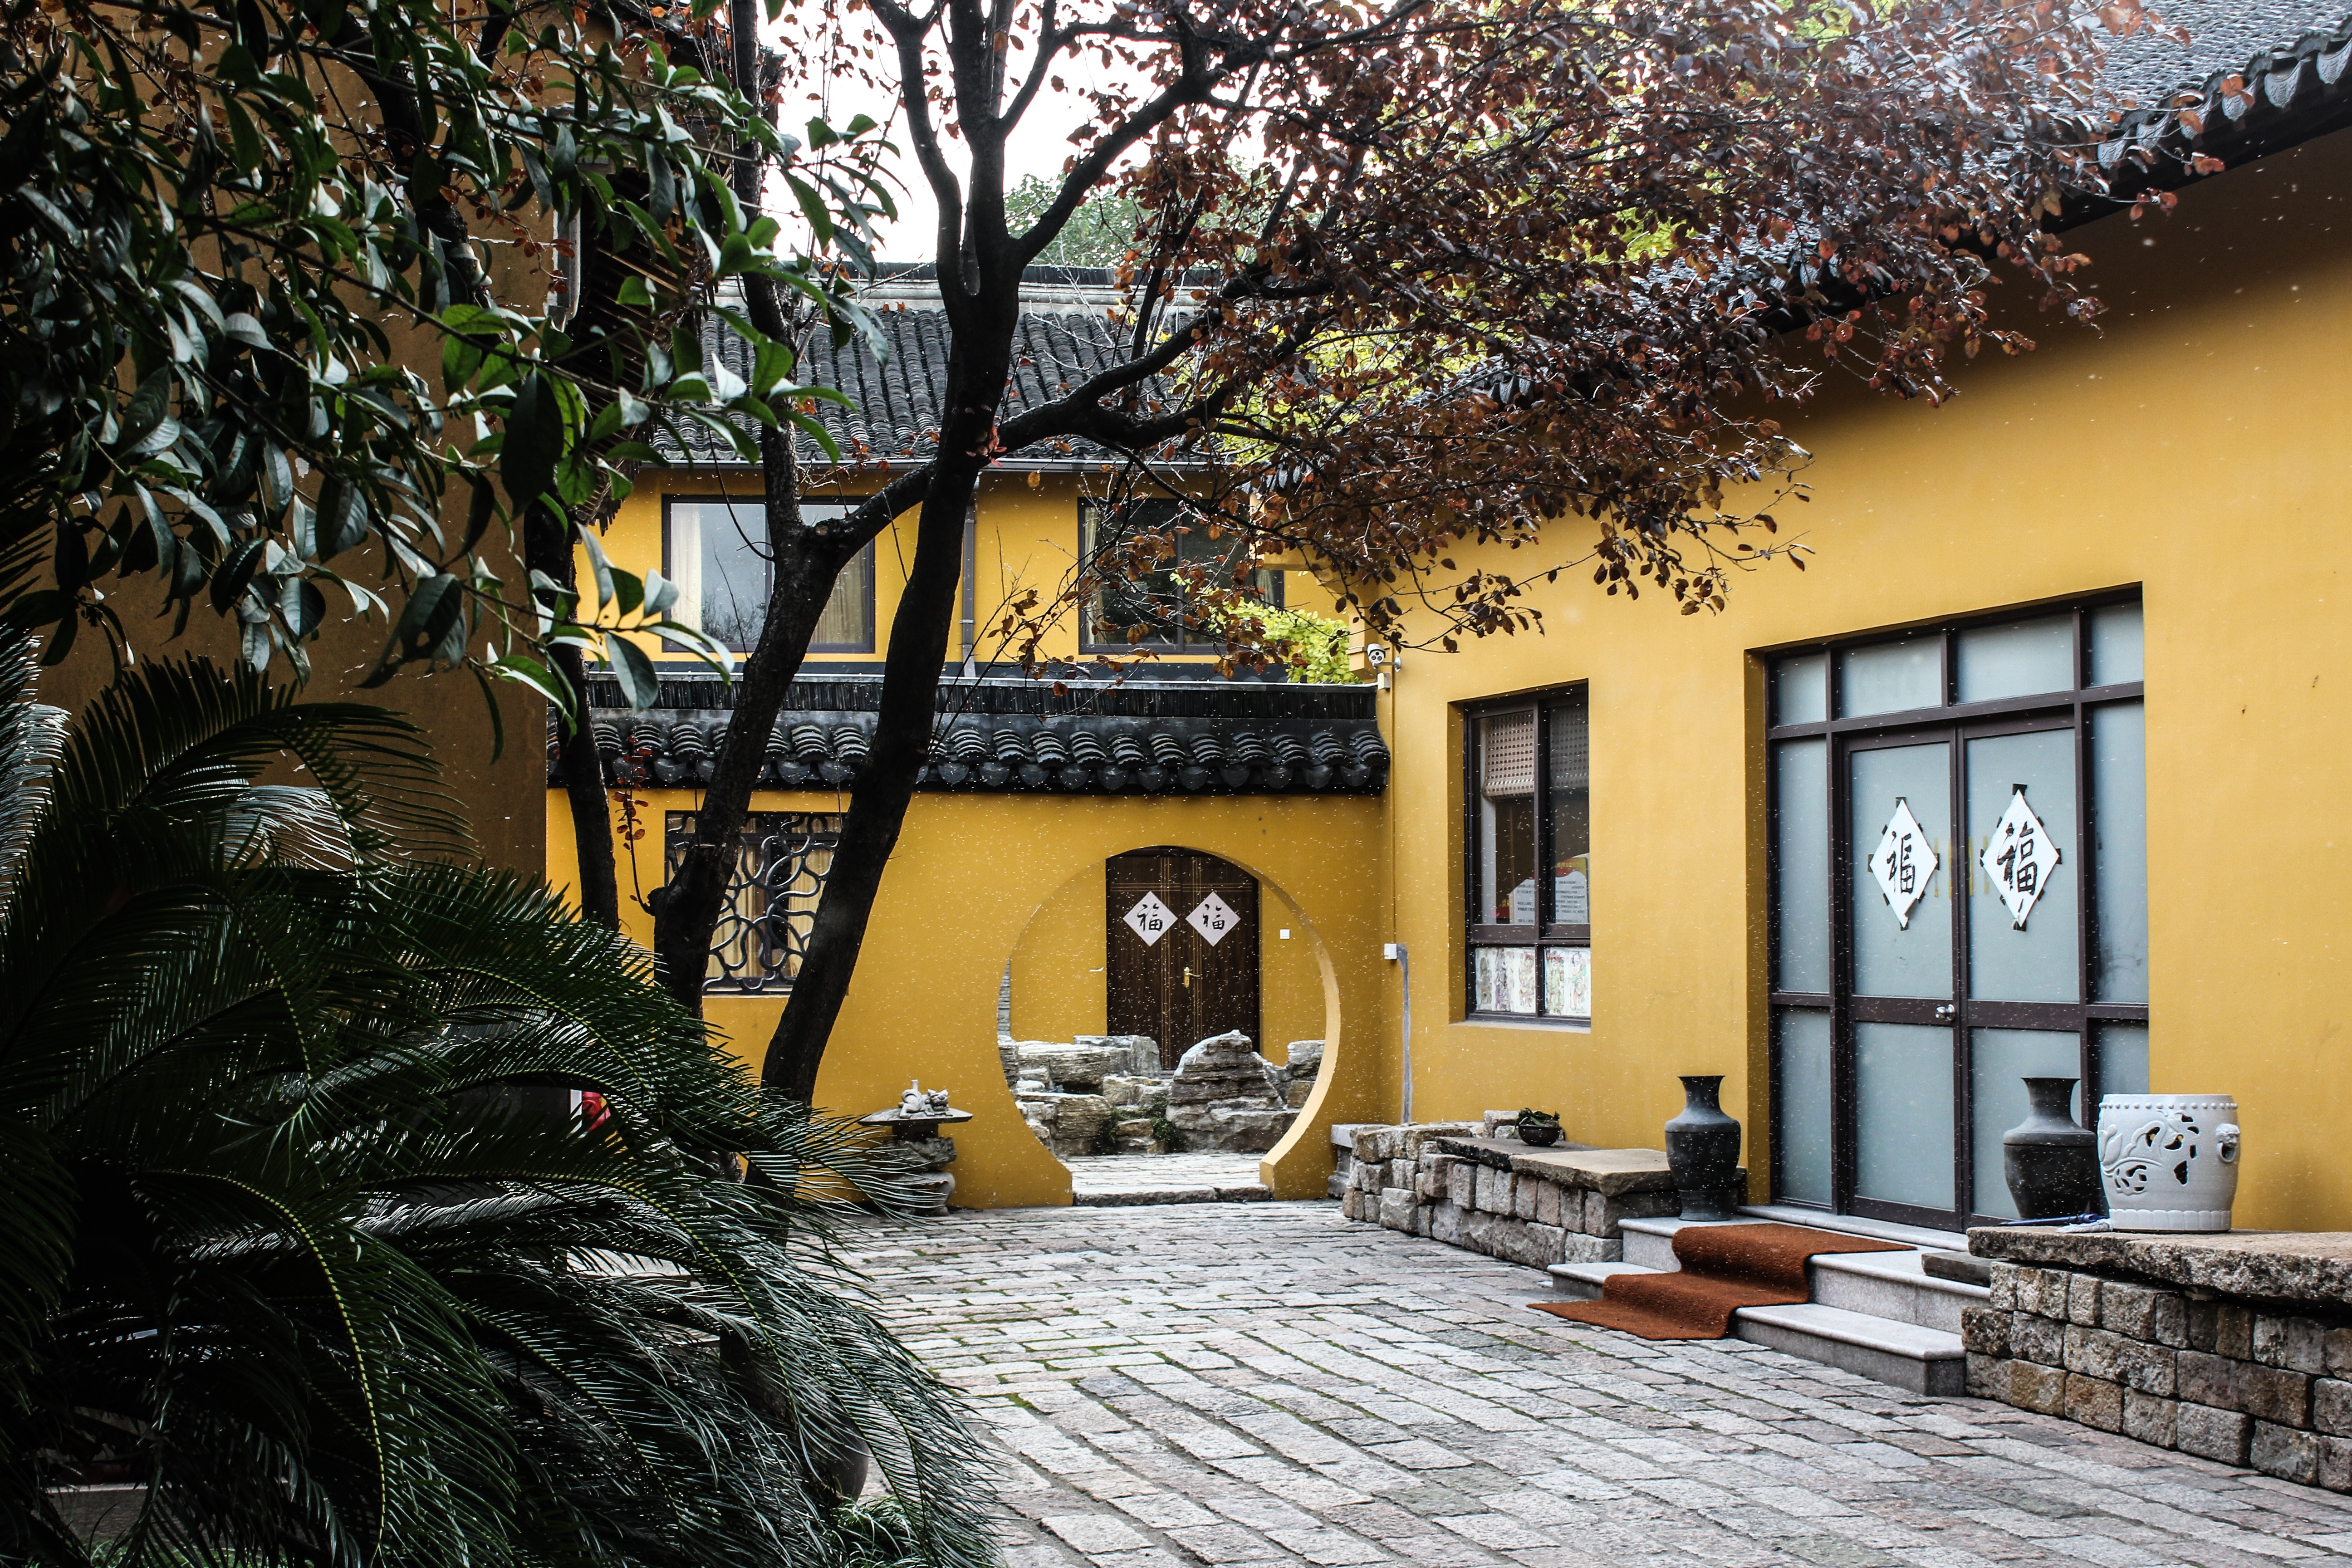 Путеводитель по Шанхаю: где жить, что смотреть и куда ехать (фото 20)